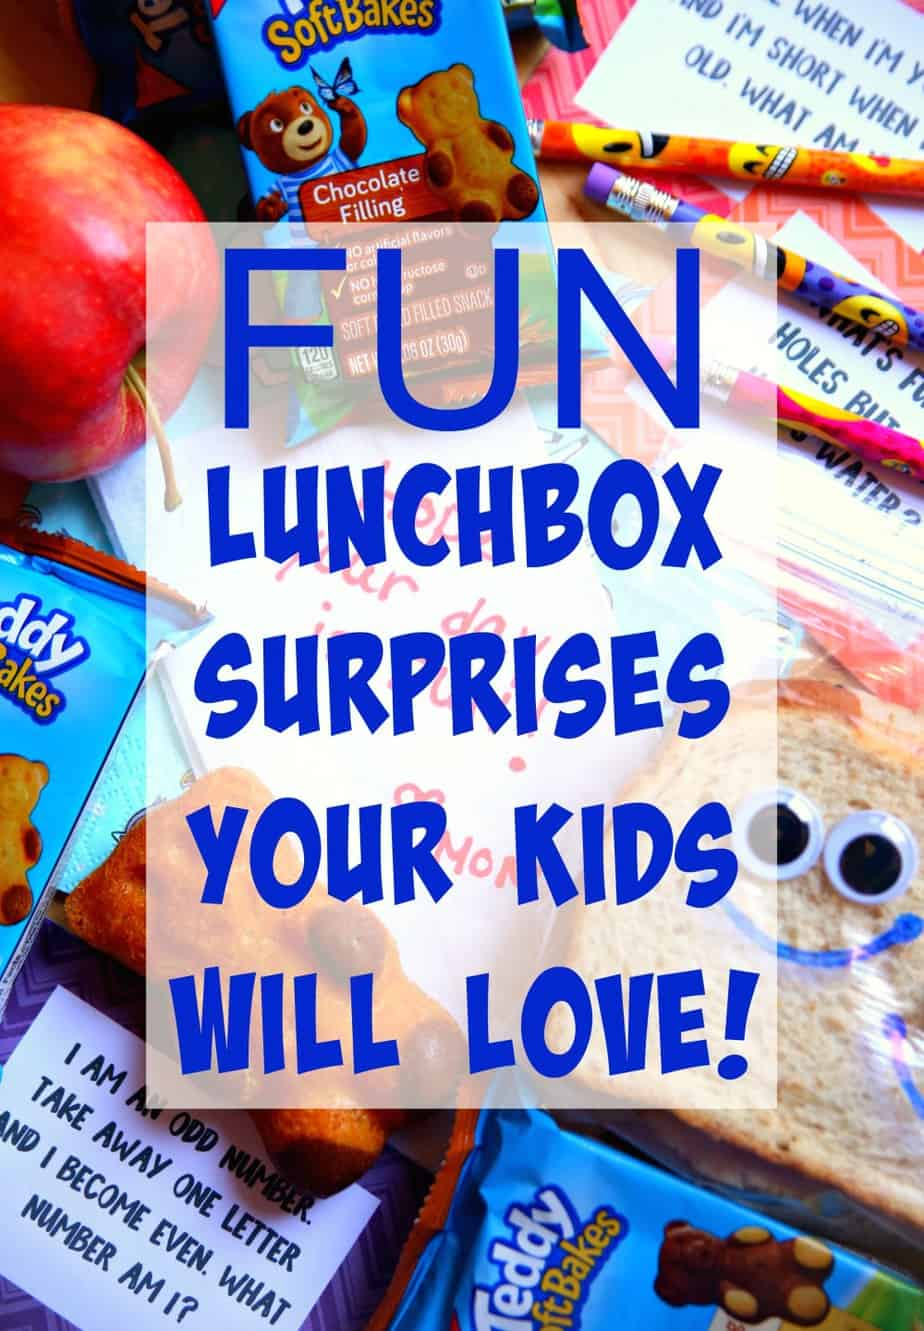 Lunchbox-Surprises